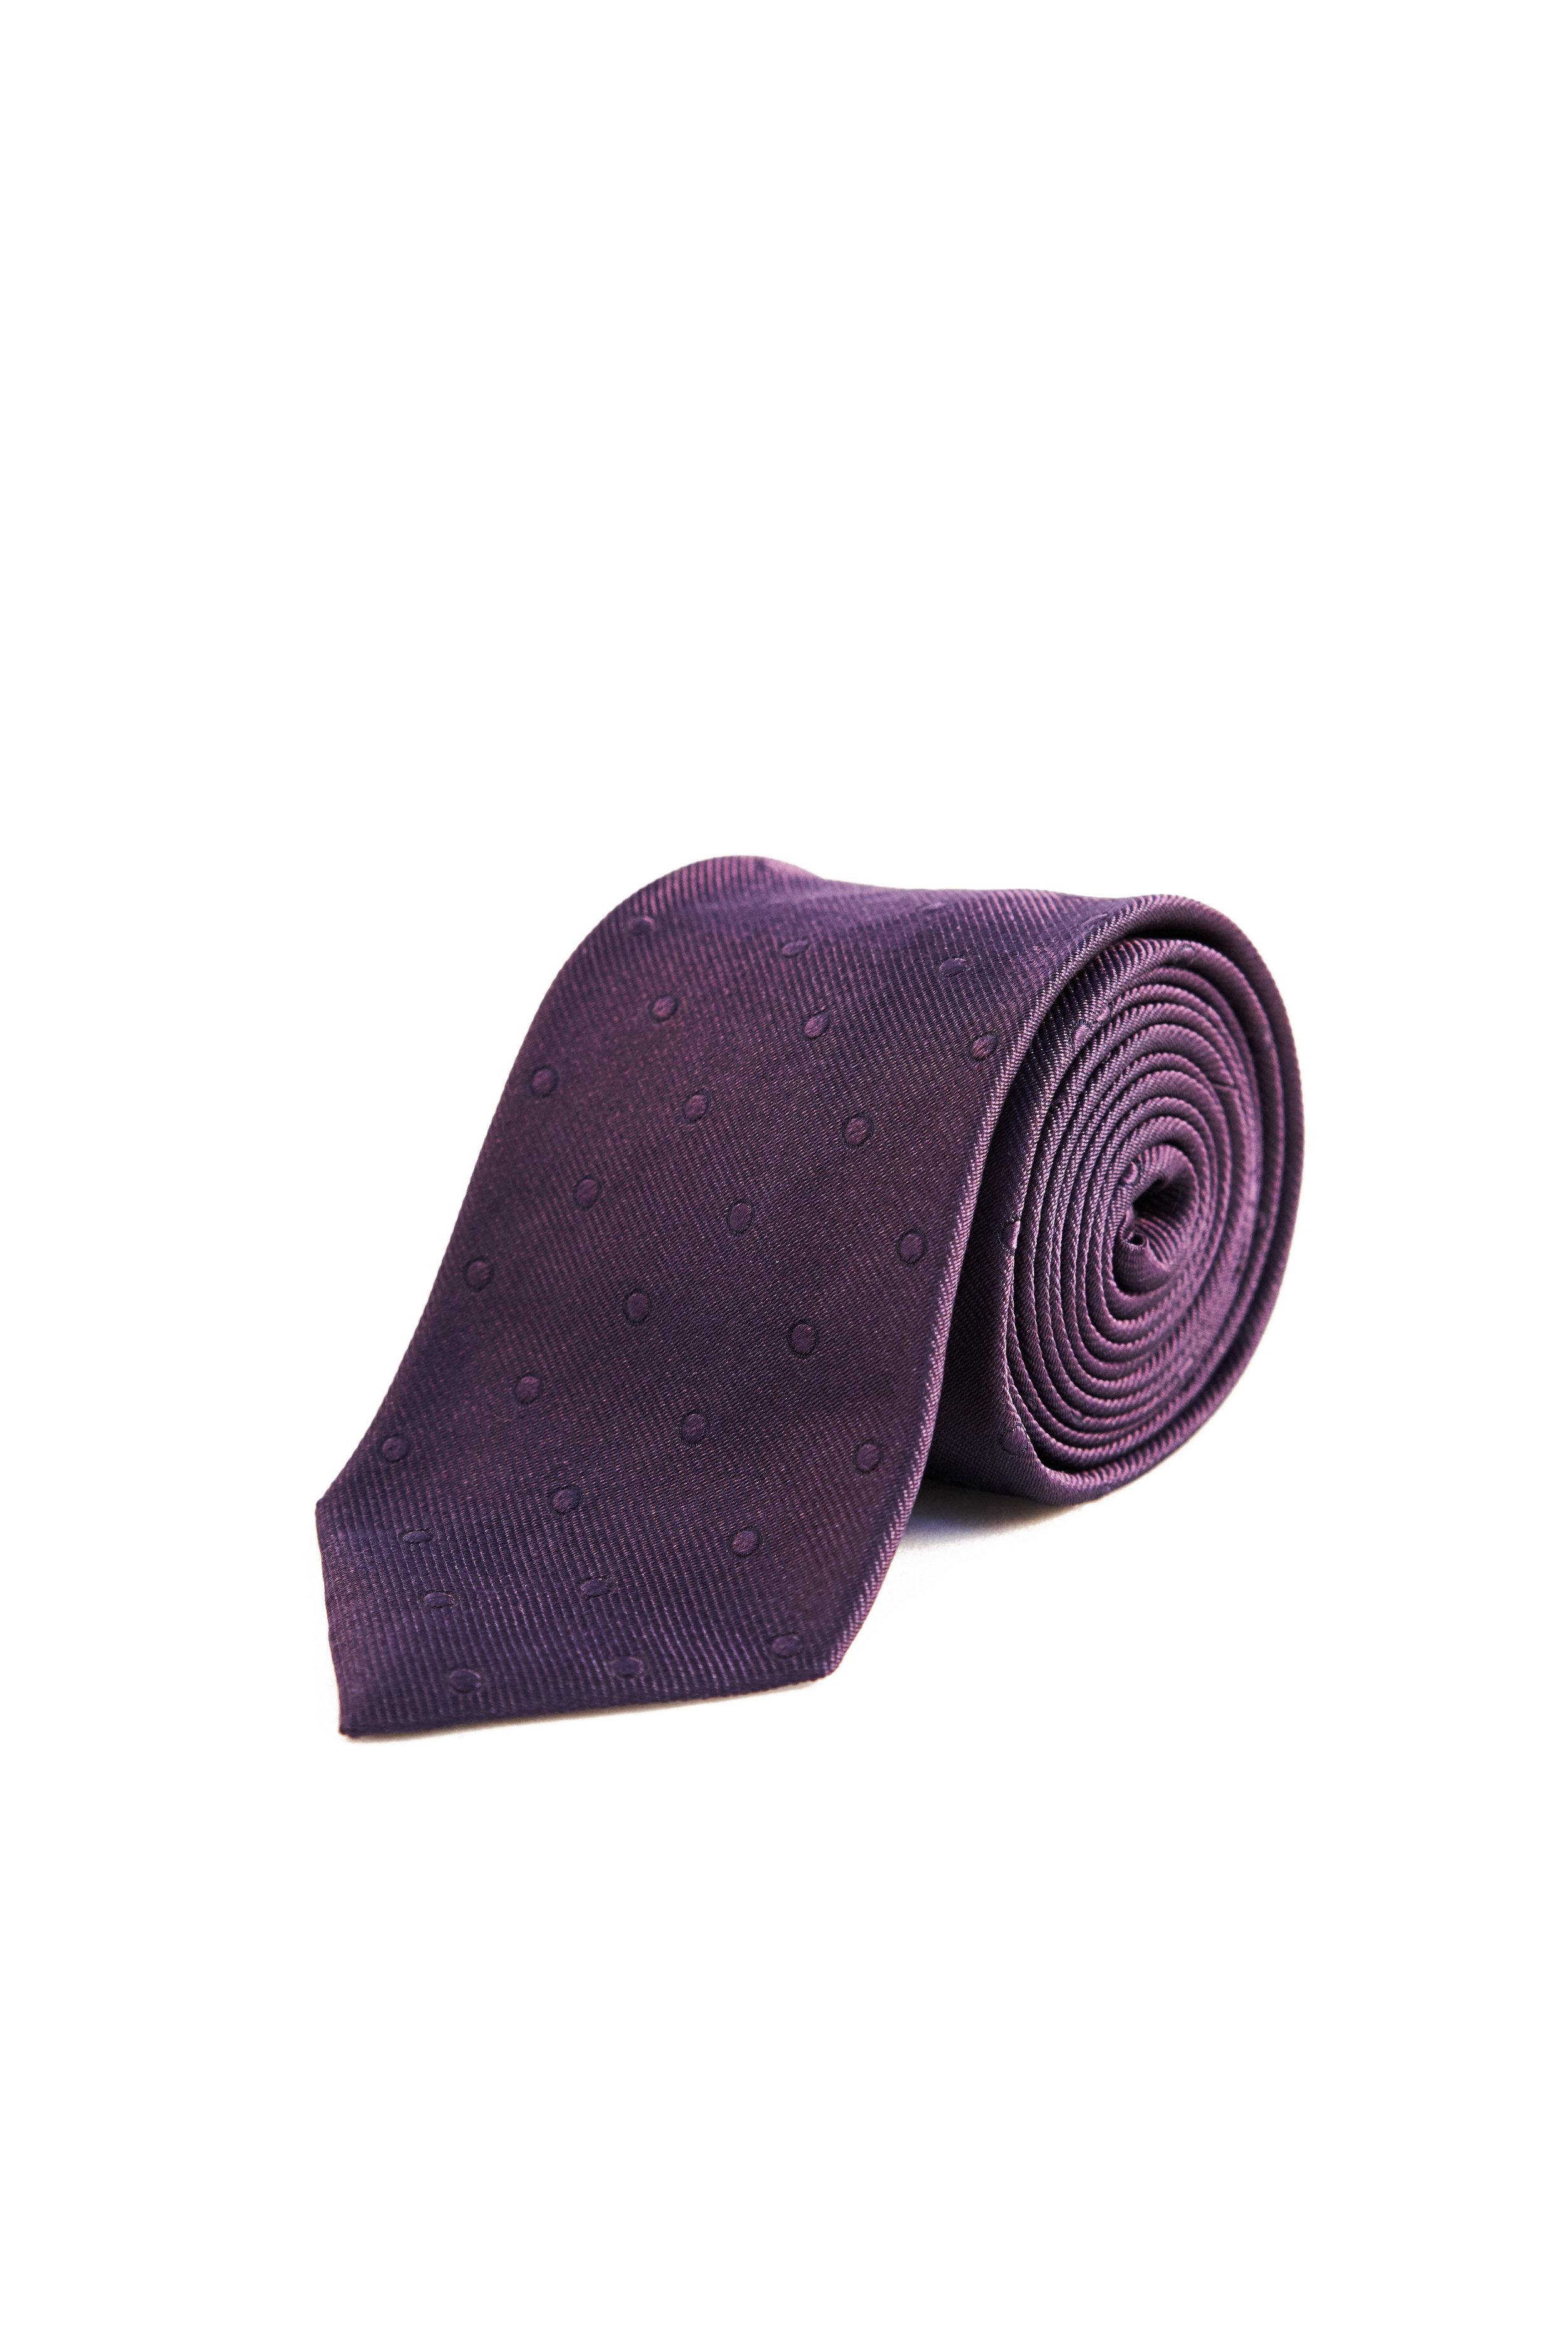 Tonal Purple - $55